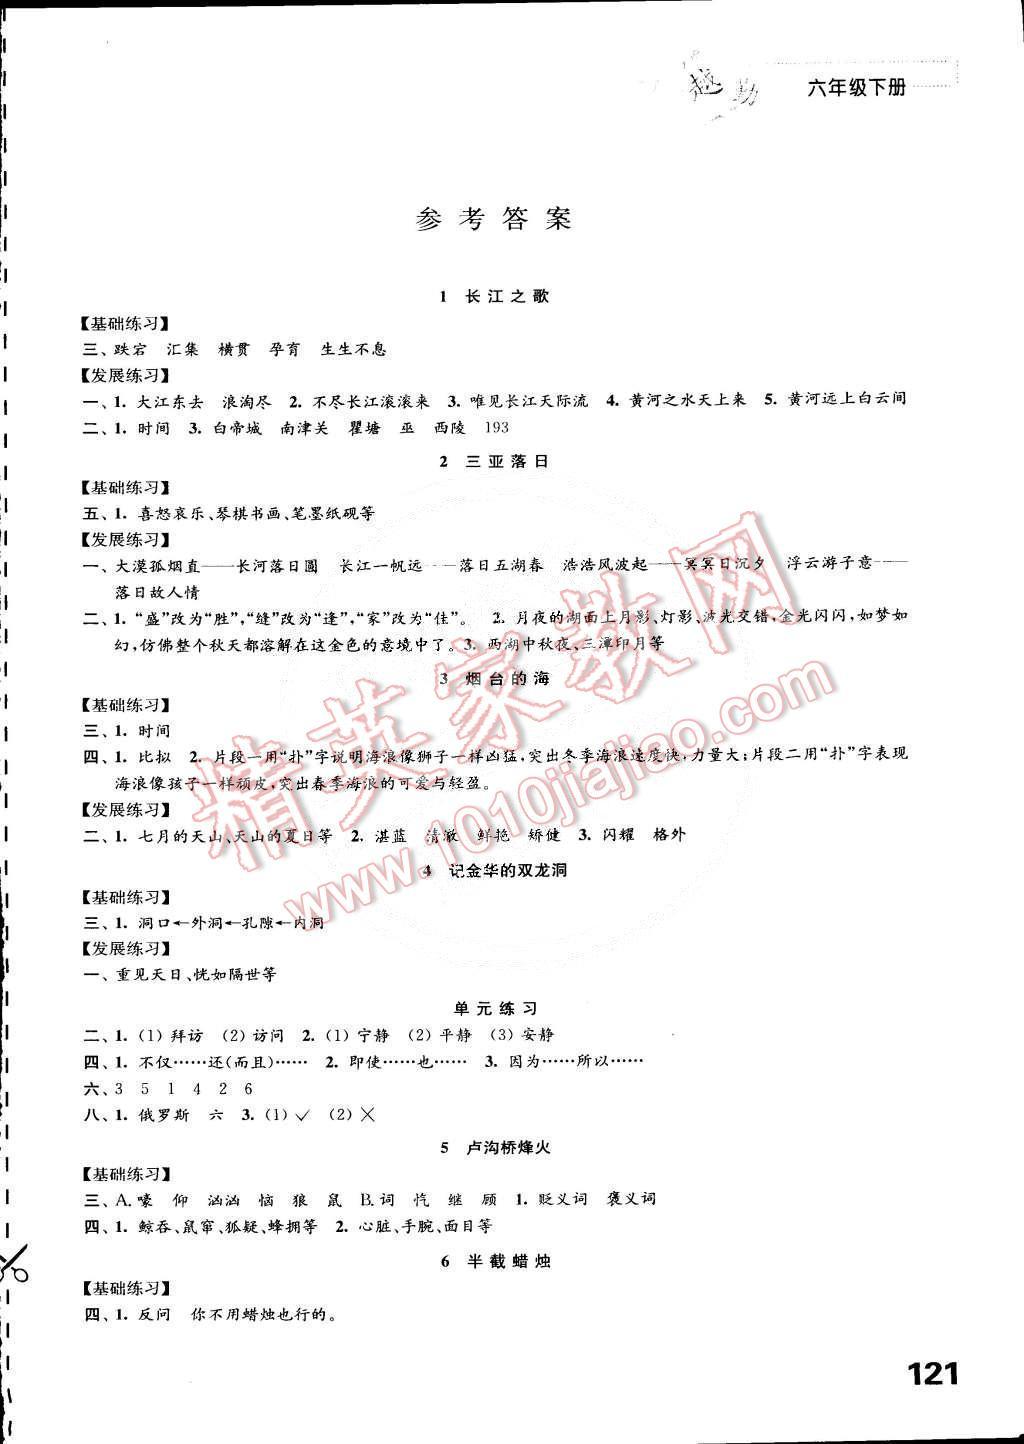 2015年练习与测试小学语文六年级下册苏教版第1页